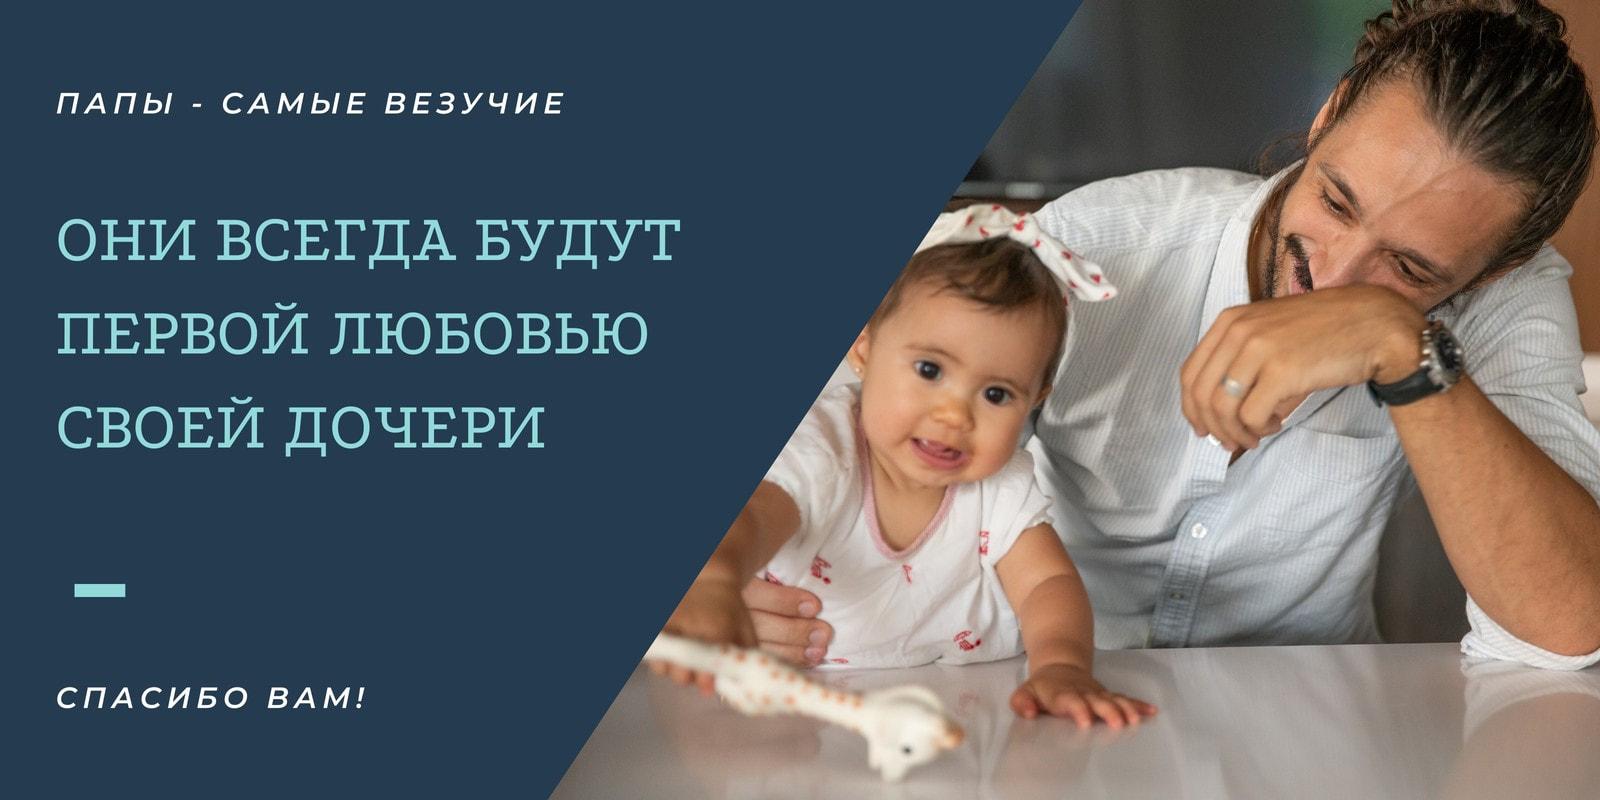 Синяя Фотография Отца и Дочери с Игрушкой Общая Признательность Отцу / Папе Публикация в Twitter